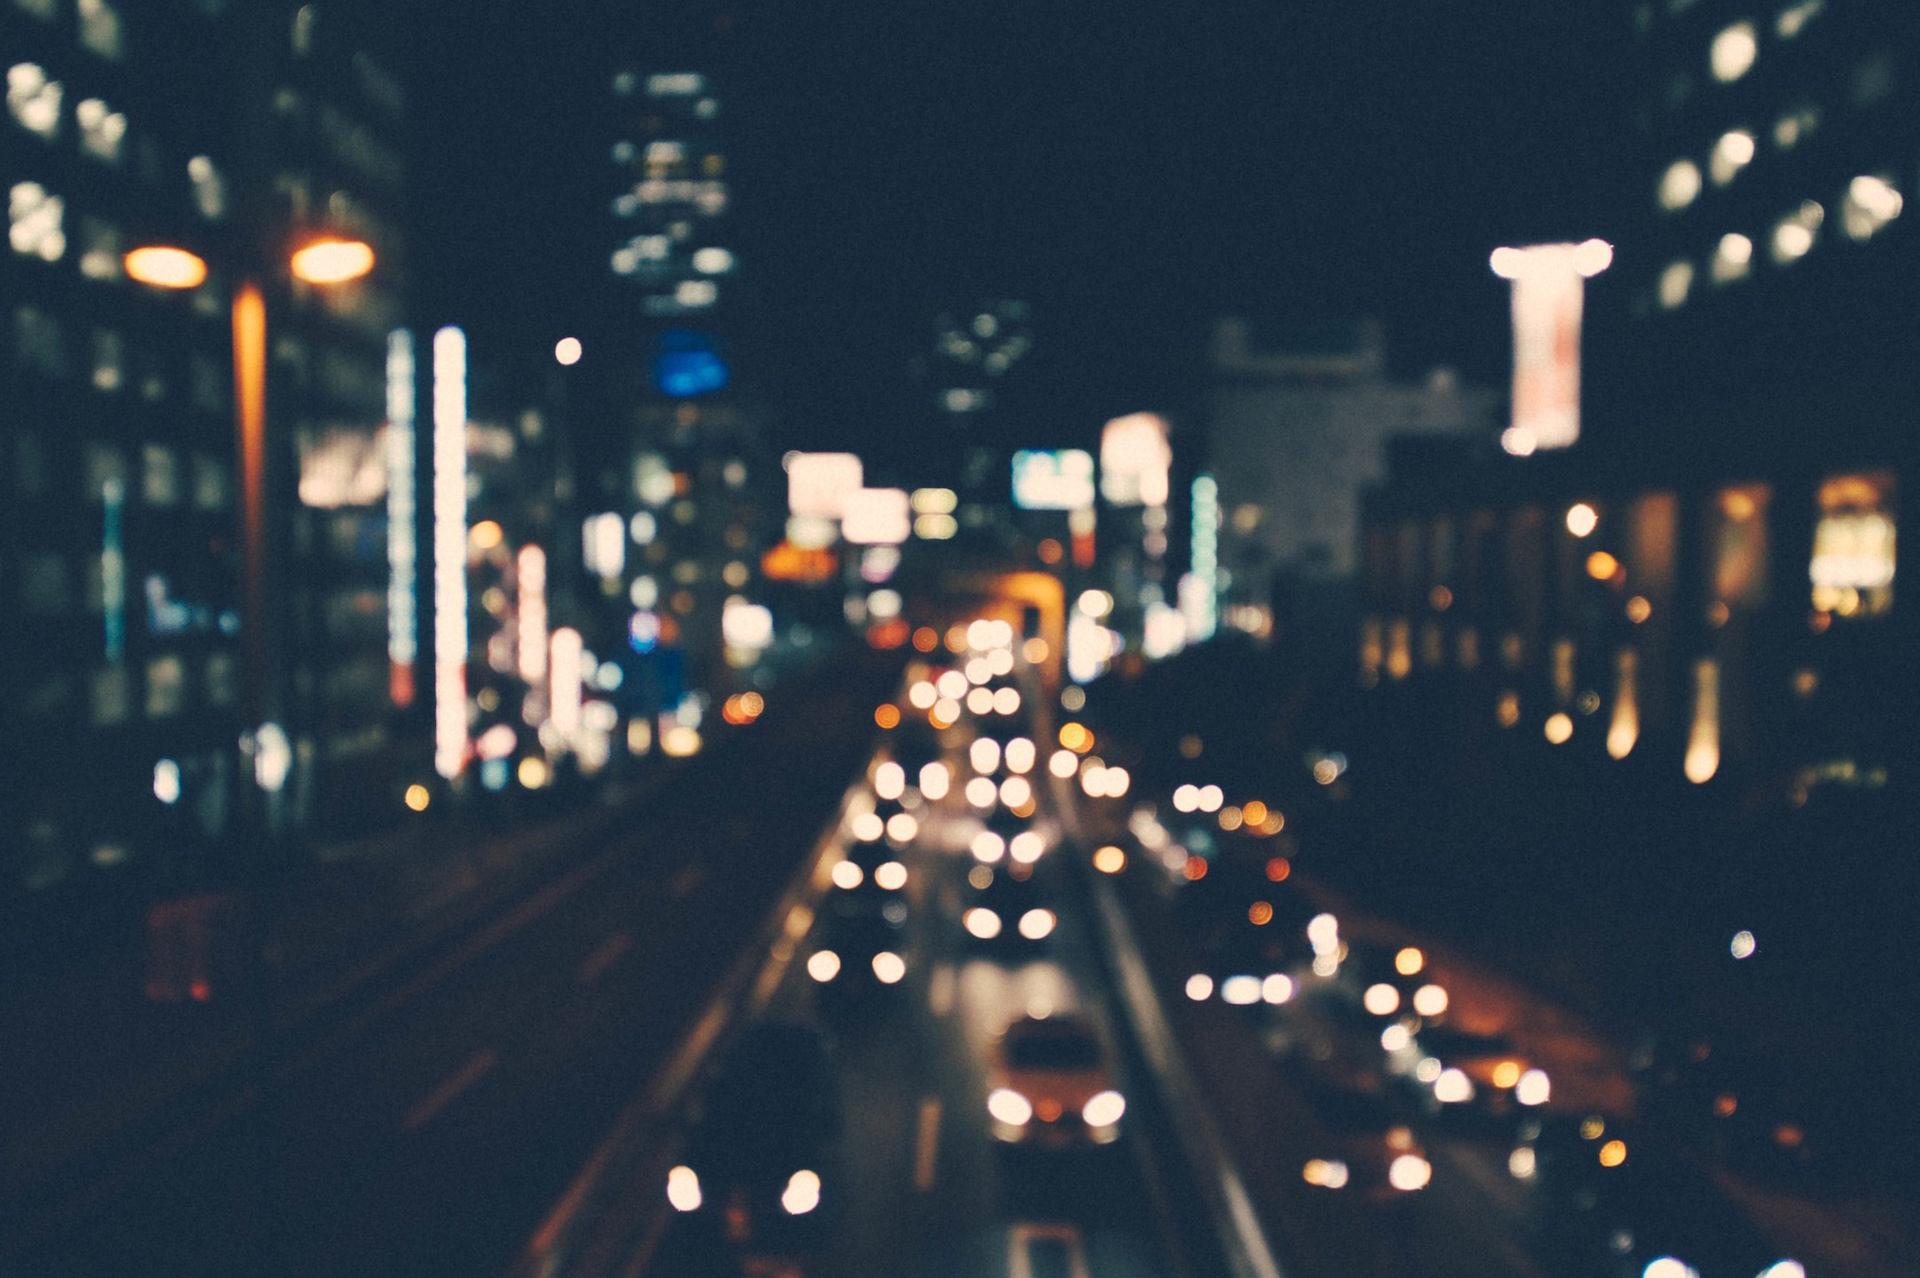 traffico, agglomerazione, Marmellata, sfocatura, notte - Sfondi HD - Professor-falken.com